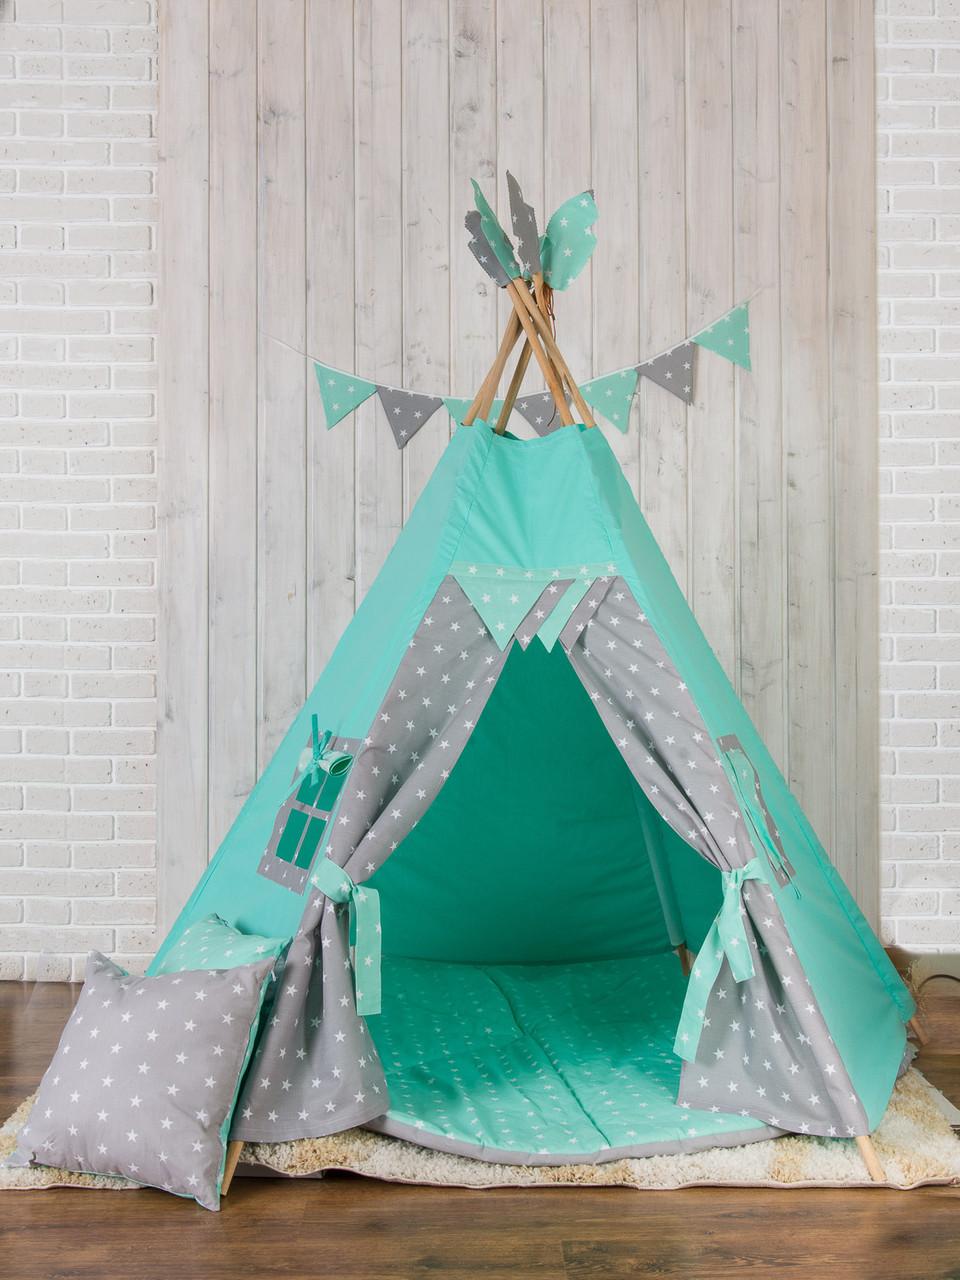 Мега вигвам Супер Мятные Звезды. Вигвам детский, детский вигвам, детский домик, детская палатка,вигвам палатка